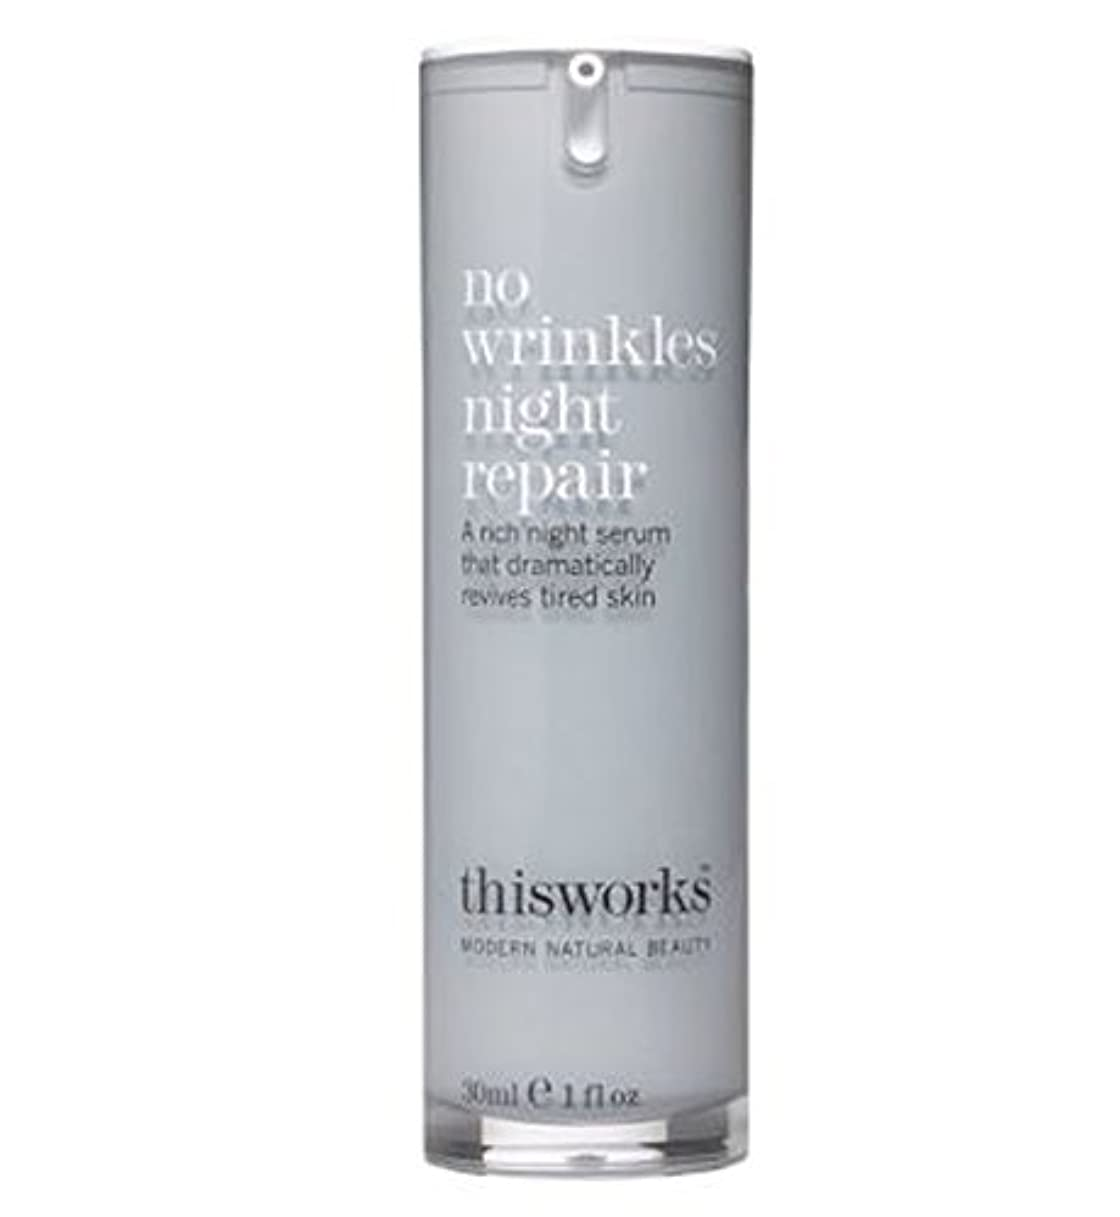 お風呂休眠予備This Works No Wrinkles Night Serum - これにはしわの夜の血清の作品はありません (This Works) [並行輸入品]